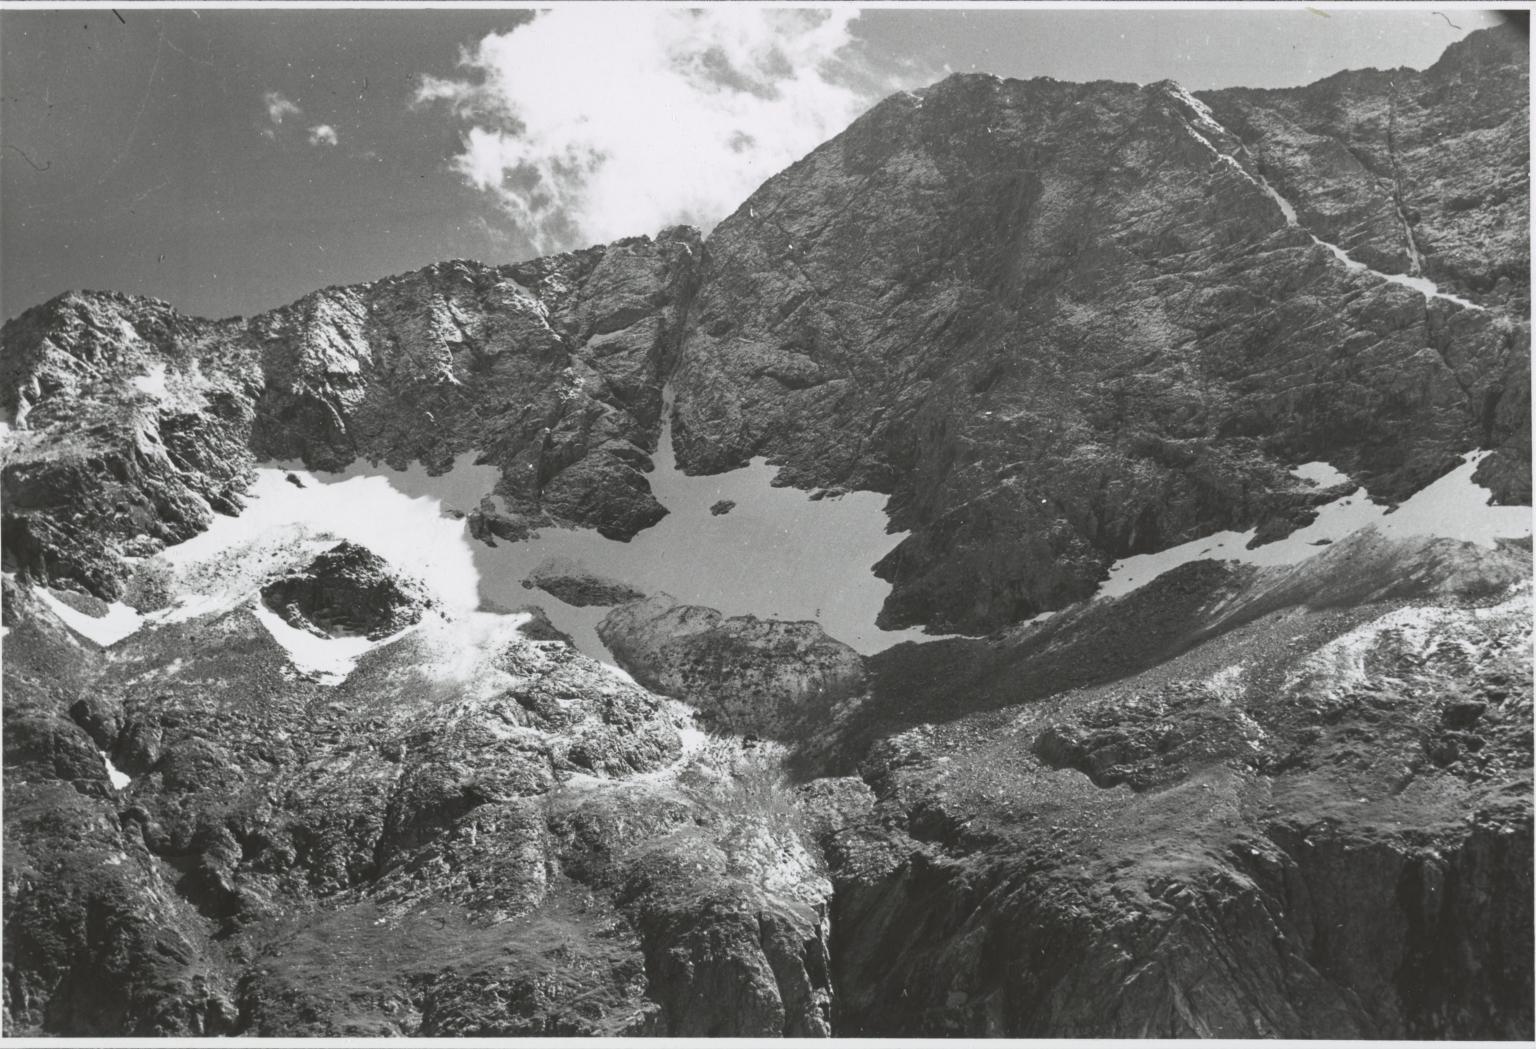 Blanca Peak, Colorado